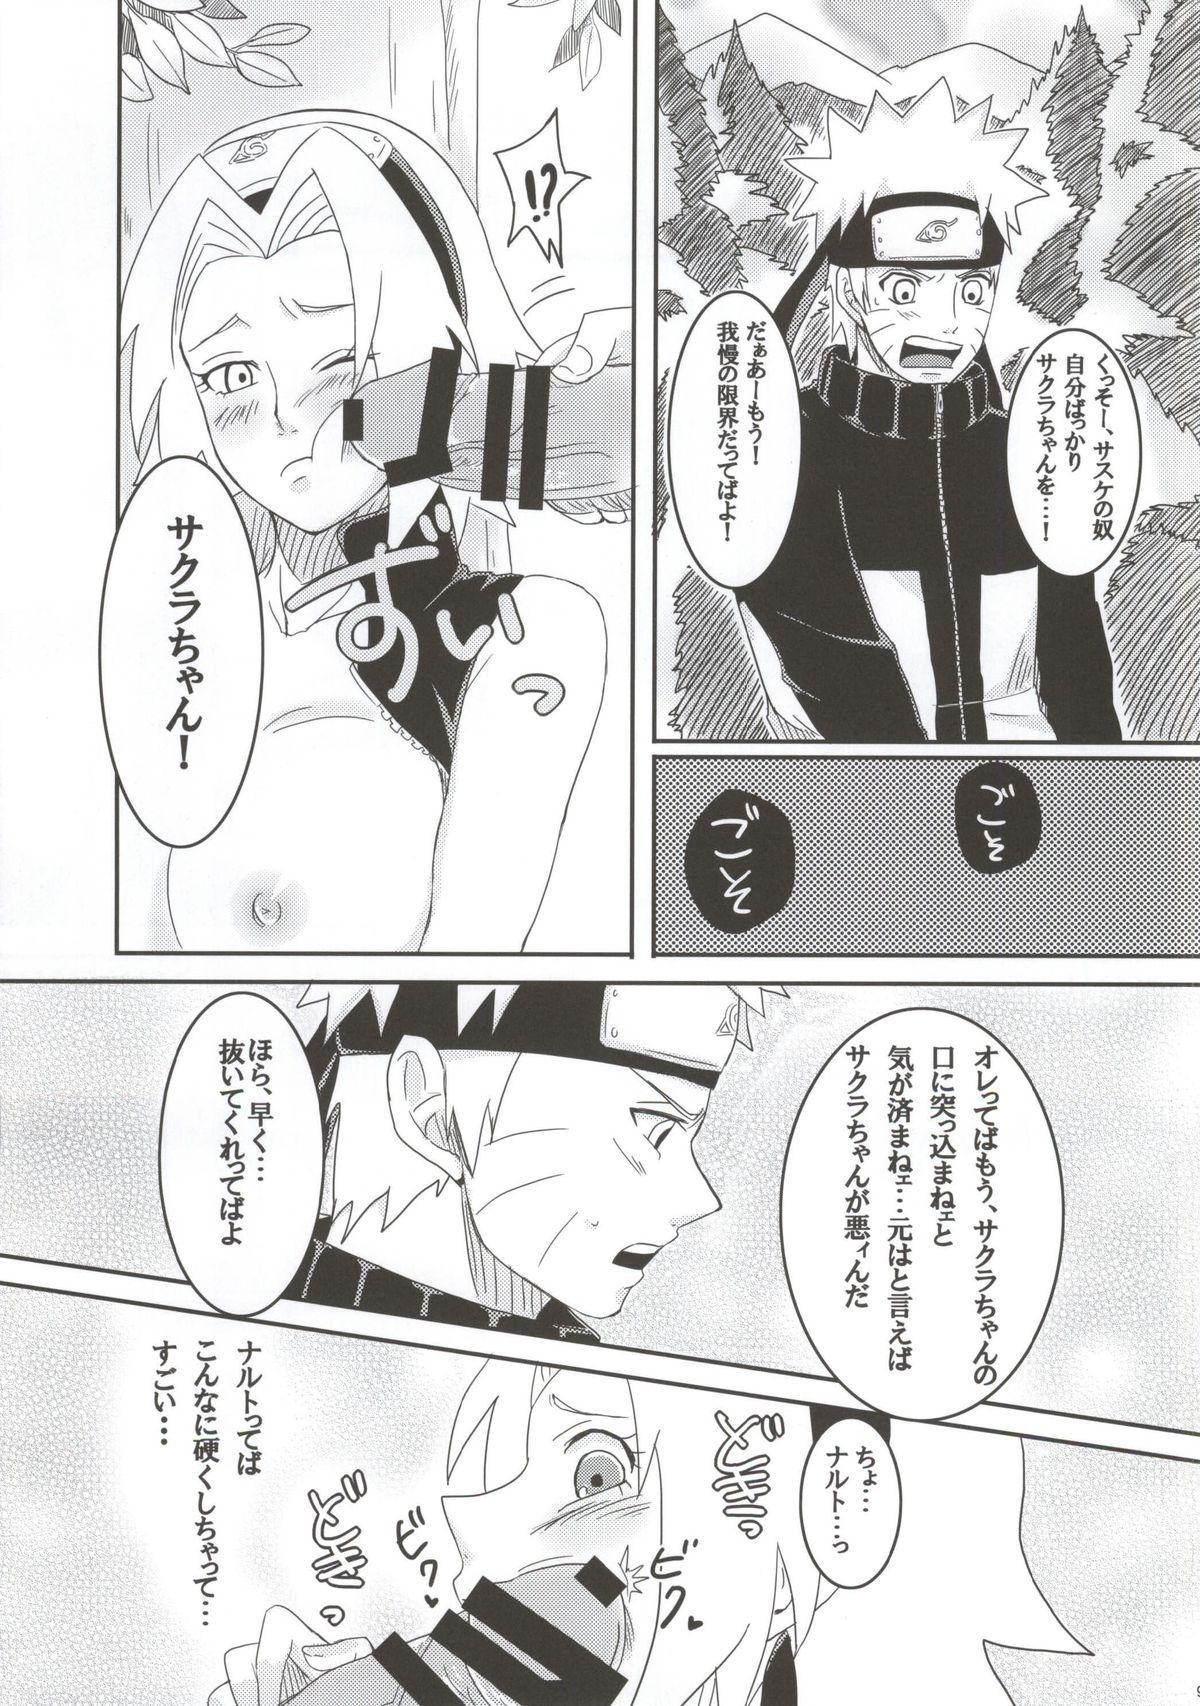 Shinobi no Kokoroe 8